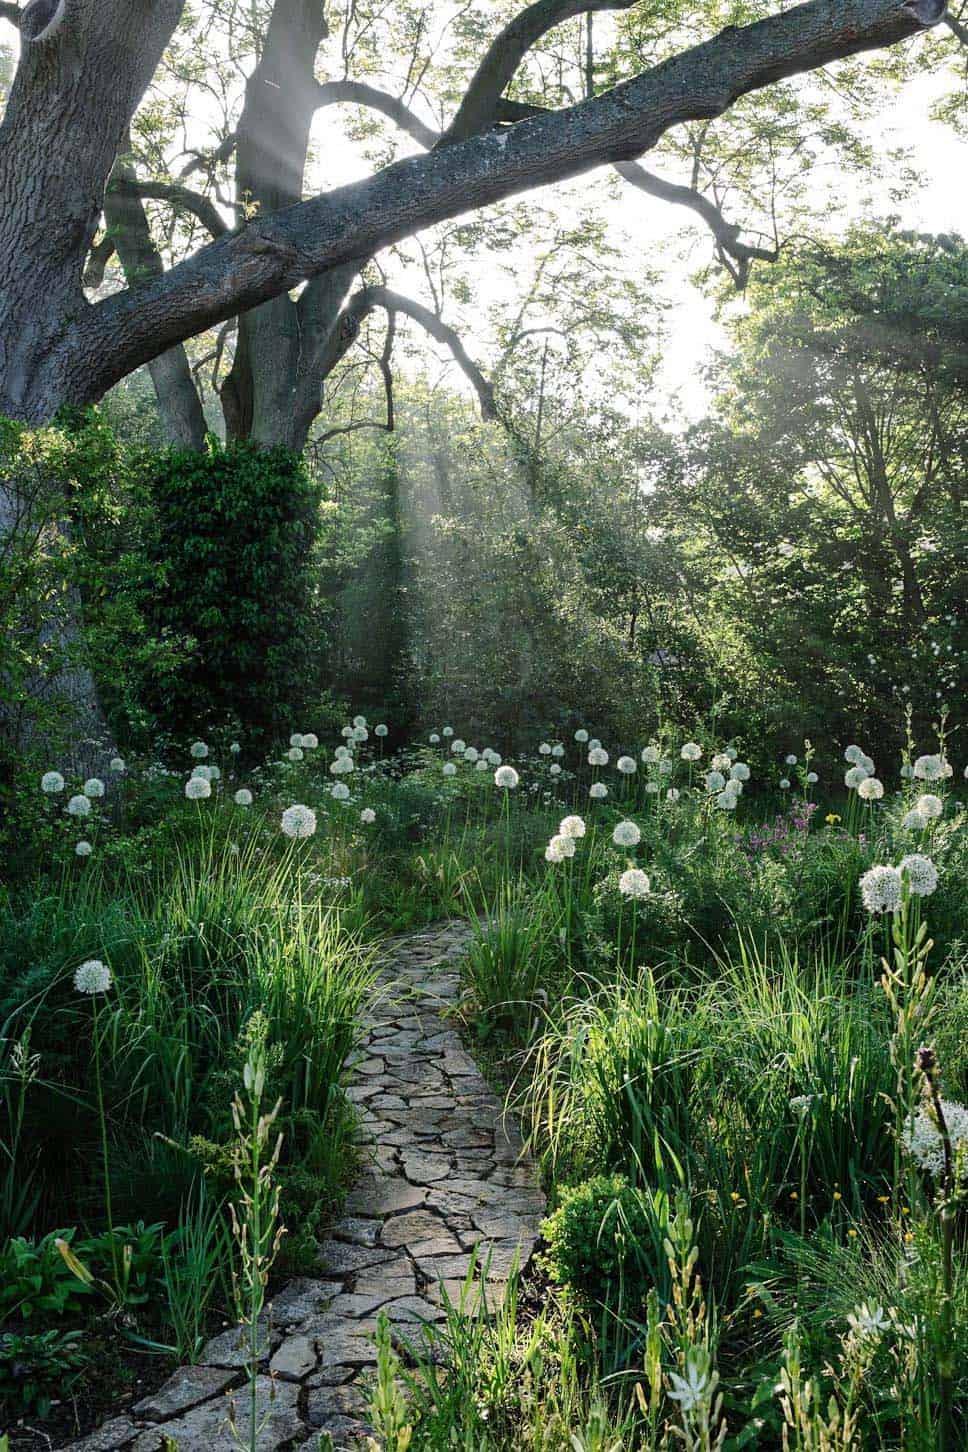 garden-stone-pathway-forest